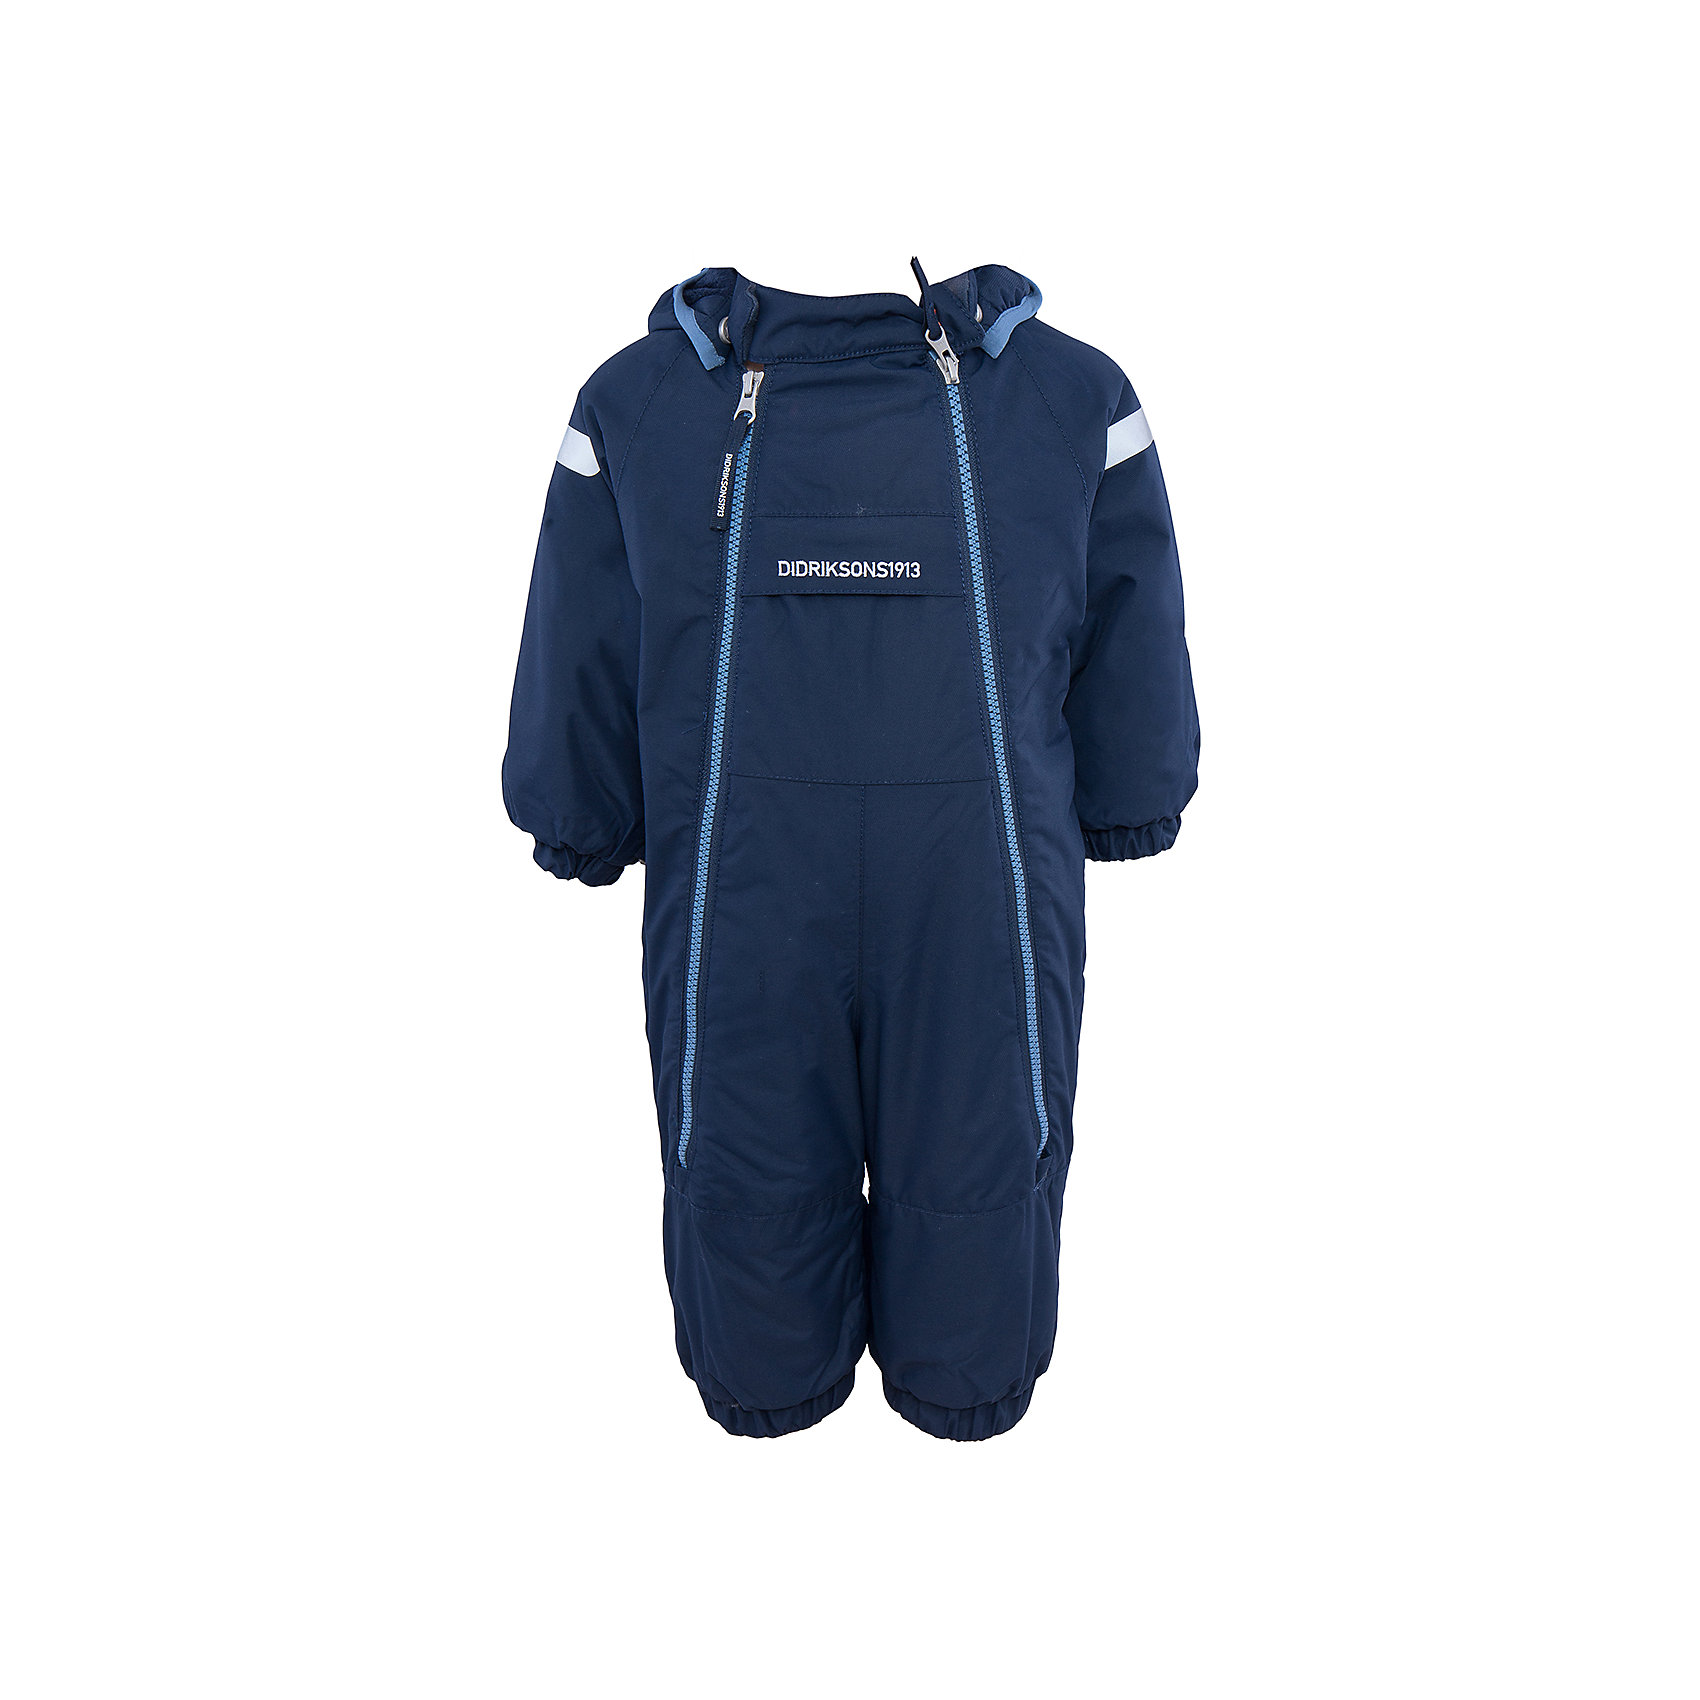 Комбинезон Borga DIDRIKSONSВерхняя одежда<br>Характеристики товара:<br><br>• цвет: синий<br>• материал: 100% полиамид, подкладка 100% полиэстер<br>• утеплитель: 120 г/м<br>• сезон: зима<br>• температурный режим от +5 до -20С<br>• непромокаемая и непродуваемая ткань<br>• манжеты и низ штанин на резинке<br>• дополнительная пропитка верха<br>• прокленные швы<br>• регулируемый съемный капюшон<br>• две фронтальных молнии<br>• светоотражающие детали<br>• страна бренда: Швеция<br>• страна производства: Бангладеш<br><br>Такой комбинезон незаменим дя малышей в межсезонье! Это не только стильно, но еще и очень комфортно, а также тепло. Он обеспечит ребенку удобство при прогулках. Комбинезон от шведского производителя легко трансформируется под погодные условия.<br>Модель сшита из непродуваемой ткани, она еще и не продувается. Очень стильная и удобная модель! Изделие качественно выполнено, сделано из безопасных для детей материалов. <br><br>Комбинезон от бренда DIDRIKSONS можно купить в нашем интернет-магазине.<br><br>Ширина мм: 356<br>Глубина мм: 10<br>Высота мм: 245<br>Вес г: 519<br>Цвет: голубой<br>Возраст от месяцев: 12<br>Возраст до месяцев: 15<br>Пол: Мужской<br>Возраст: Детский<br>Размер: 80,60,70<br>SKU: 5043909